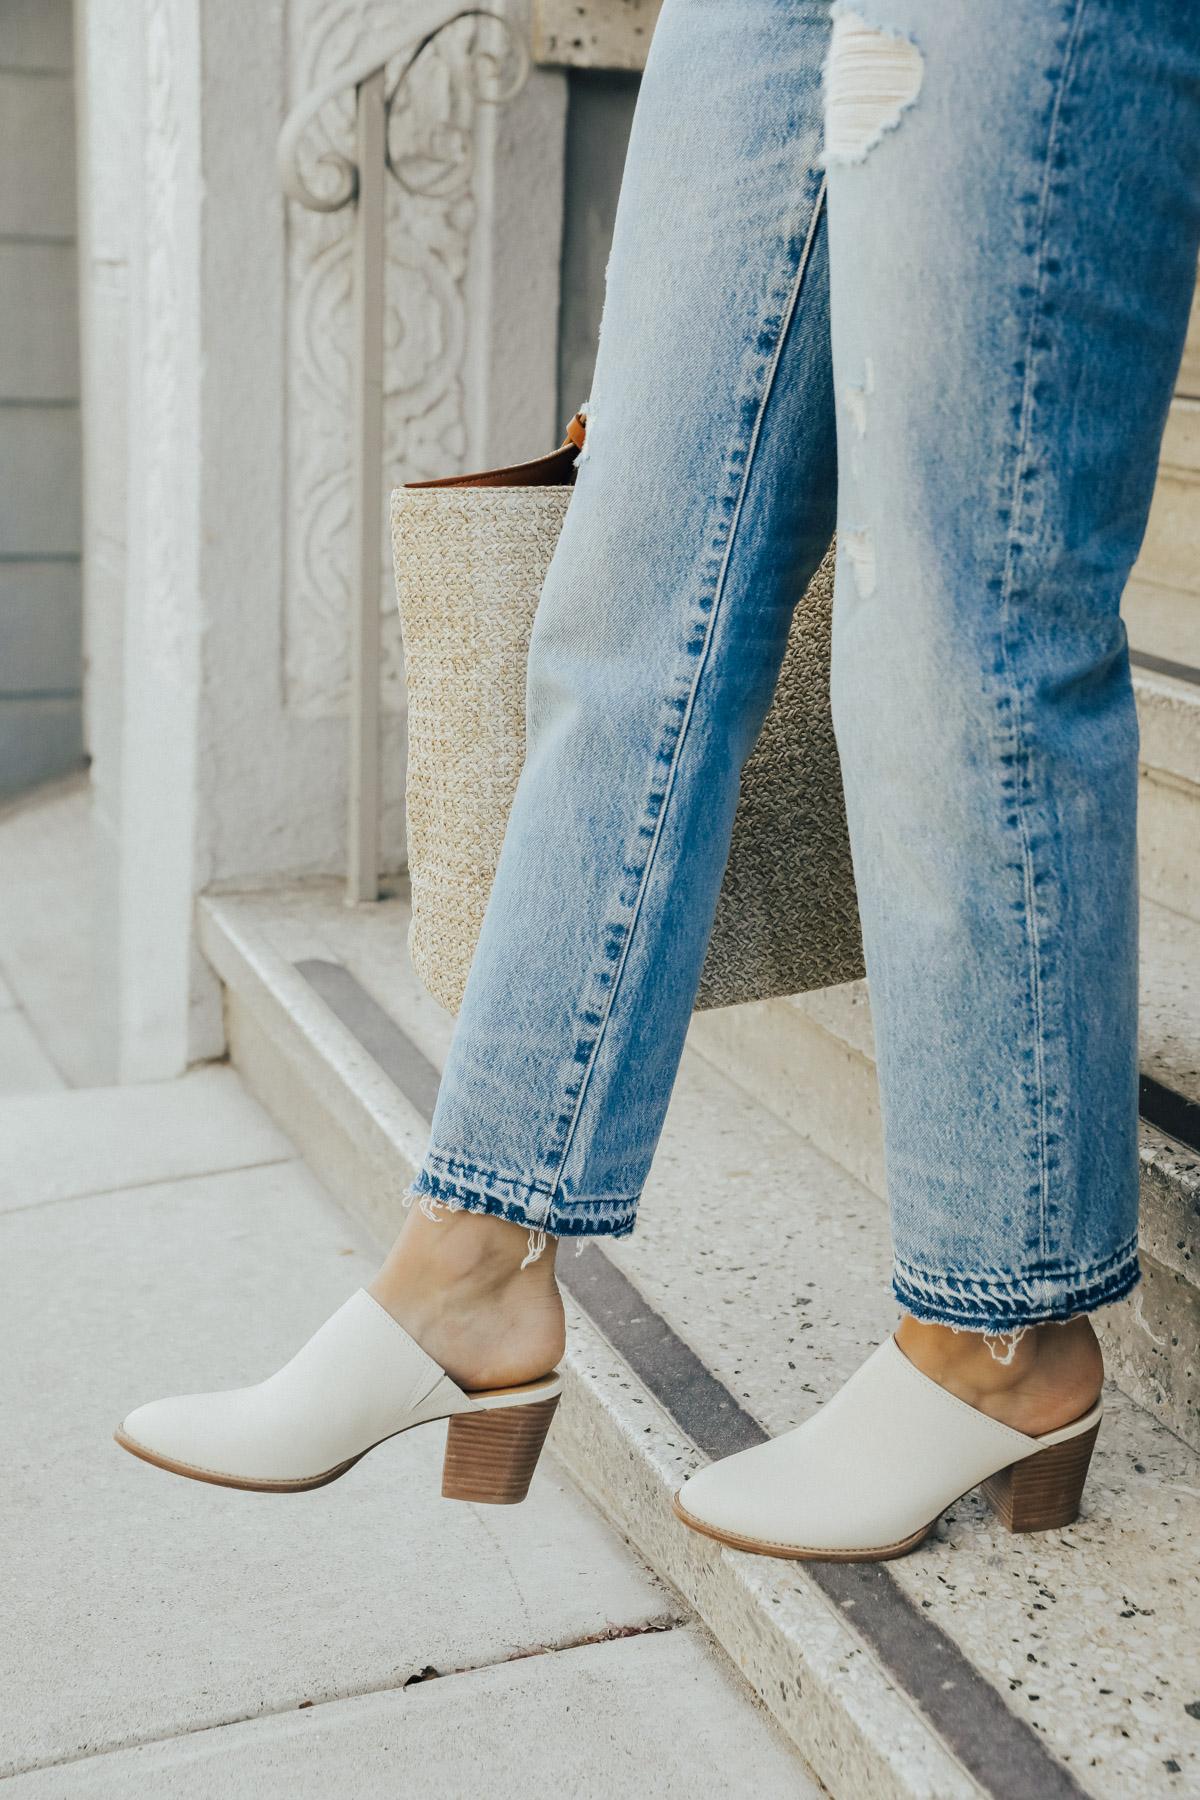 mules madewell y jeans vintage